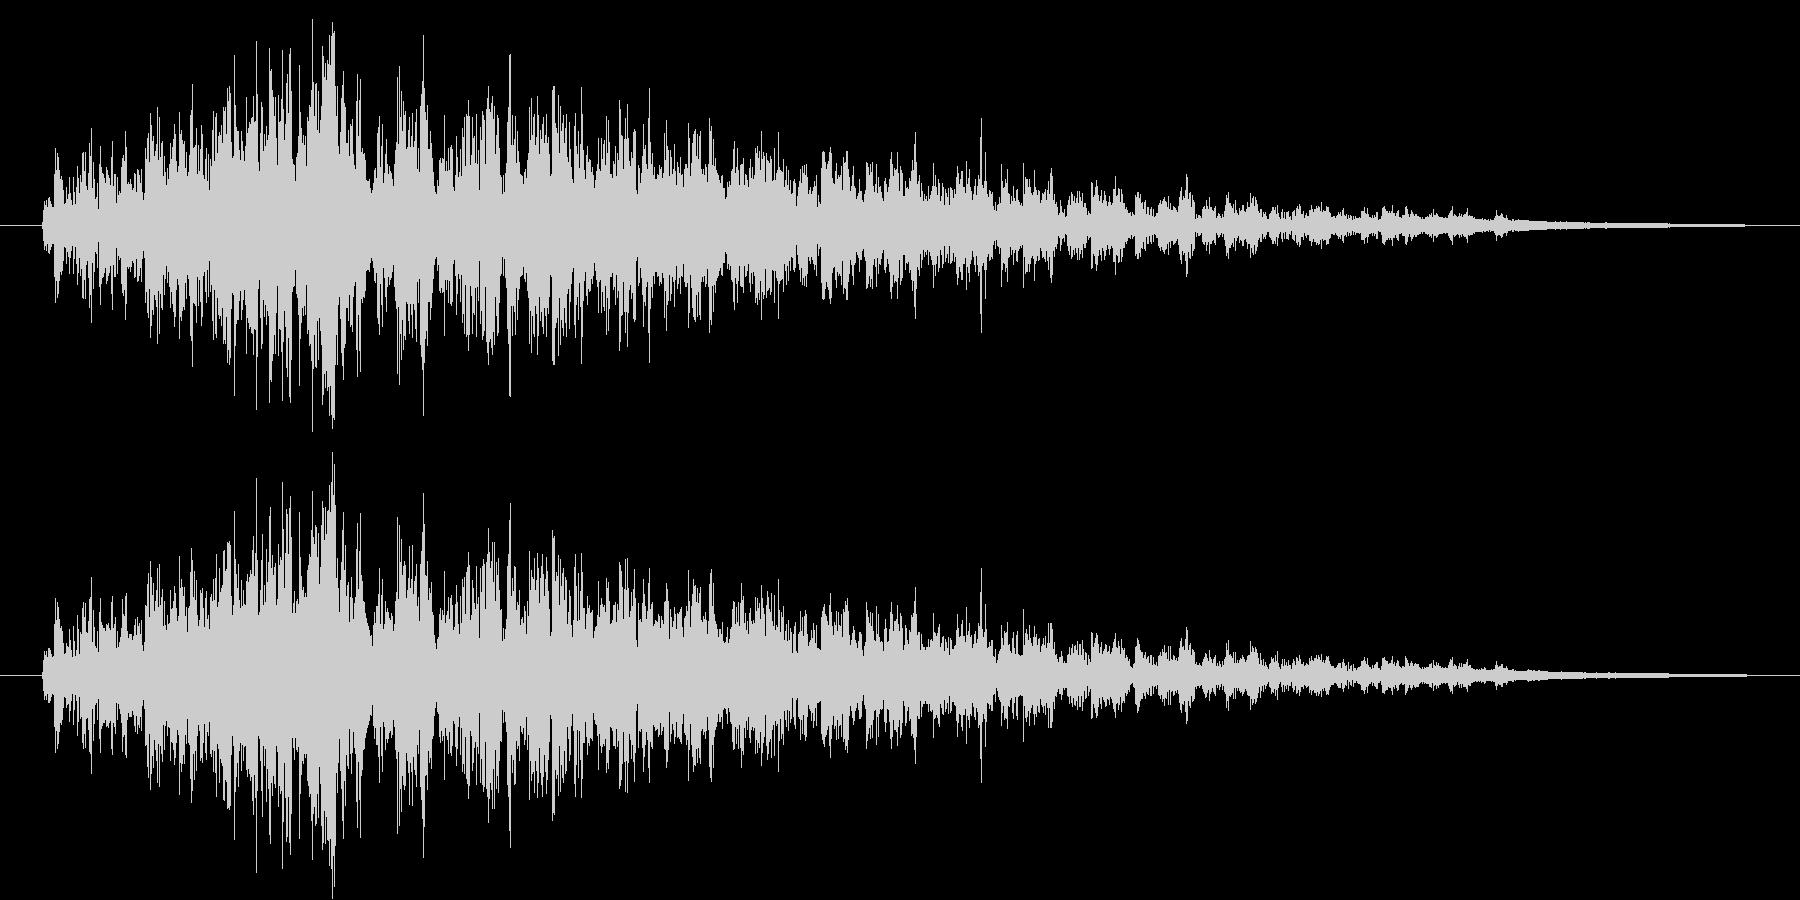 エナジードレイン(HP吸収)の未再生の波形